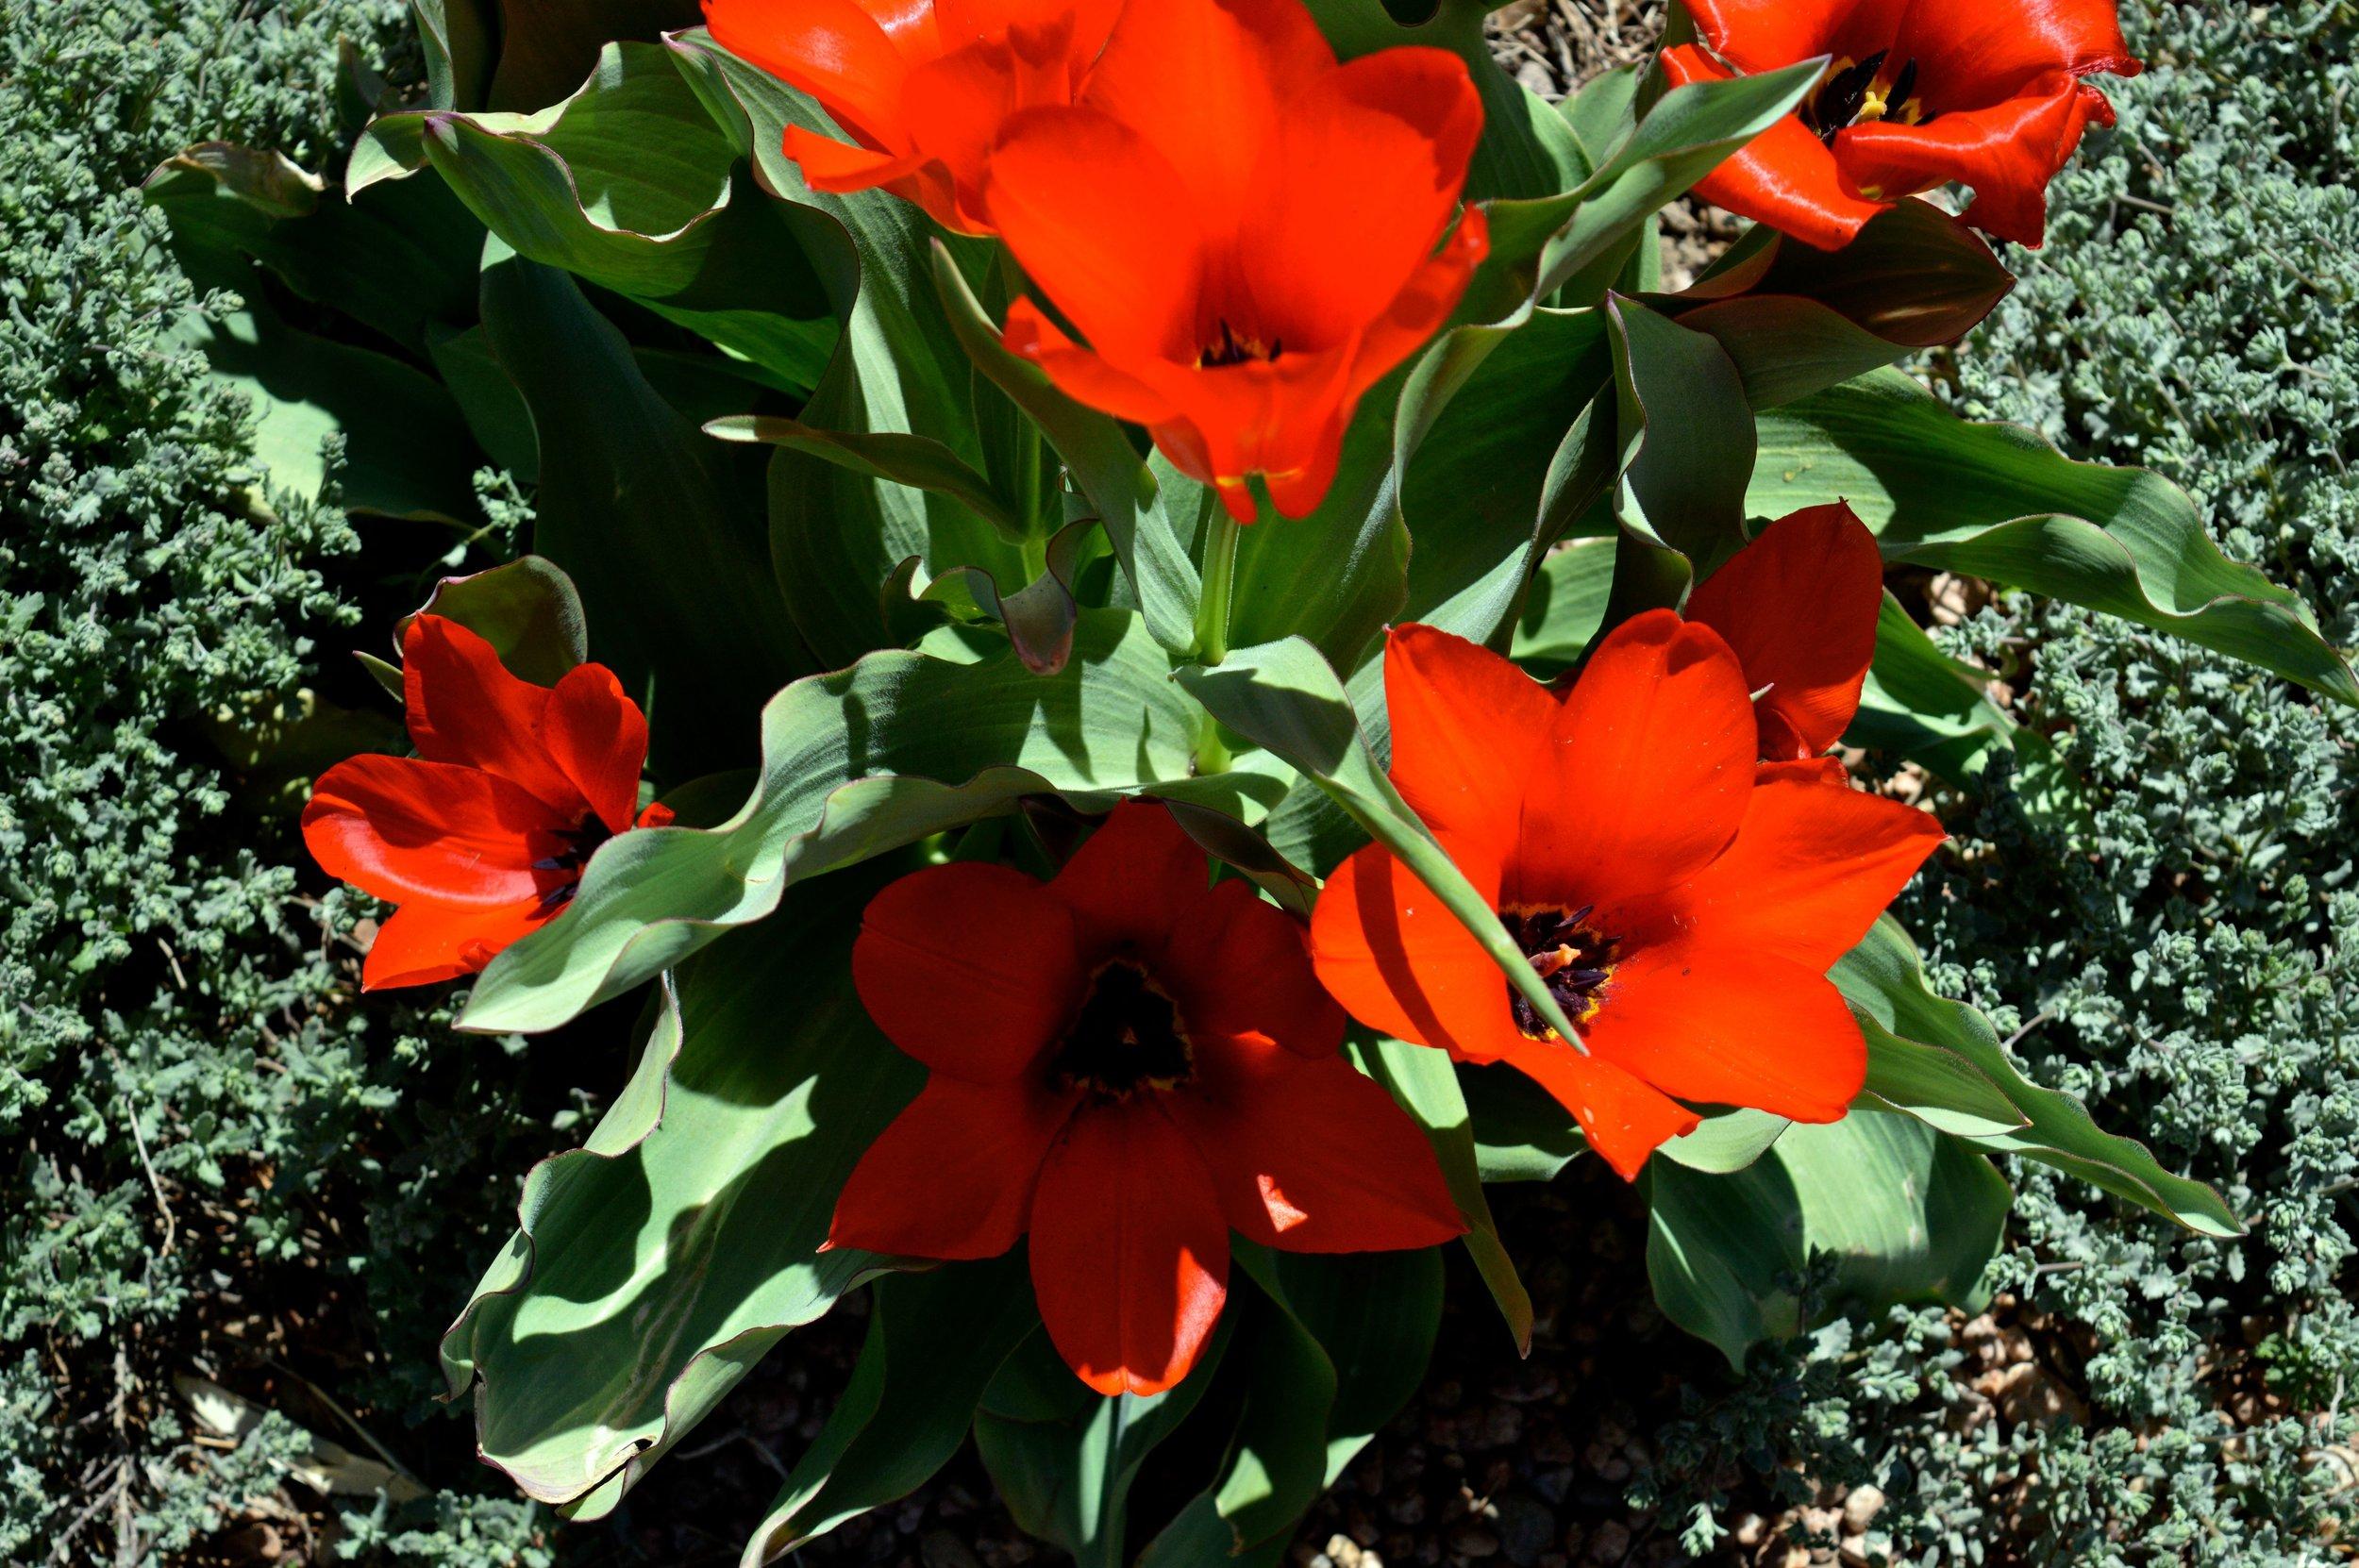 denver-botanic-gardens-April-13-16.jpg